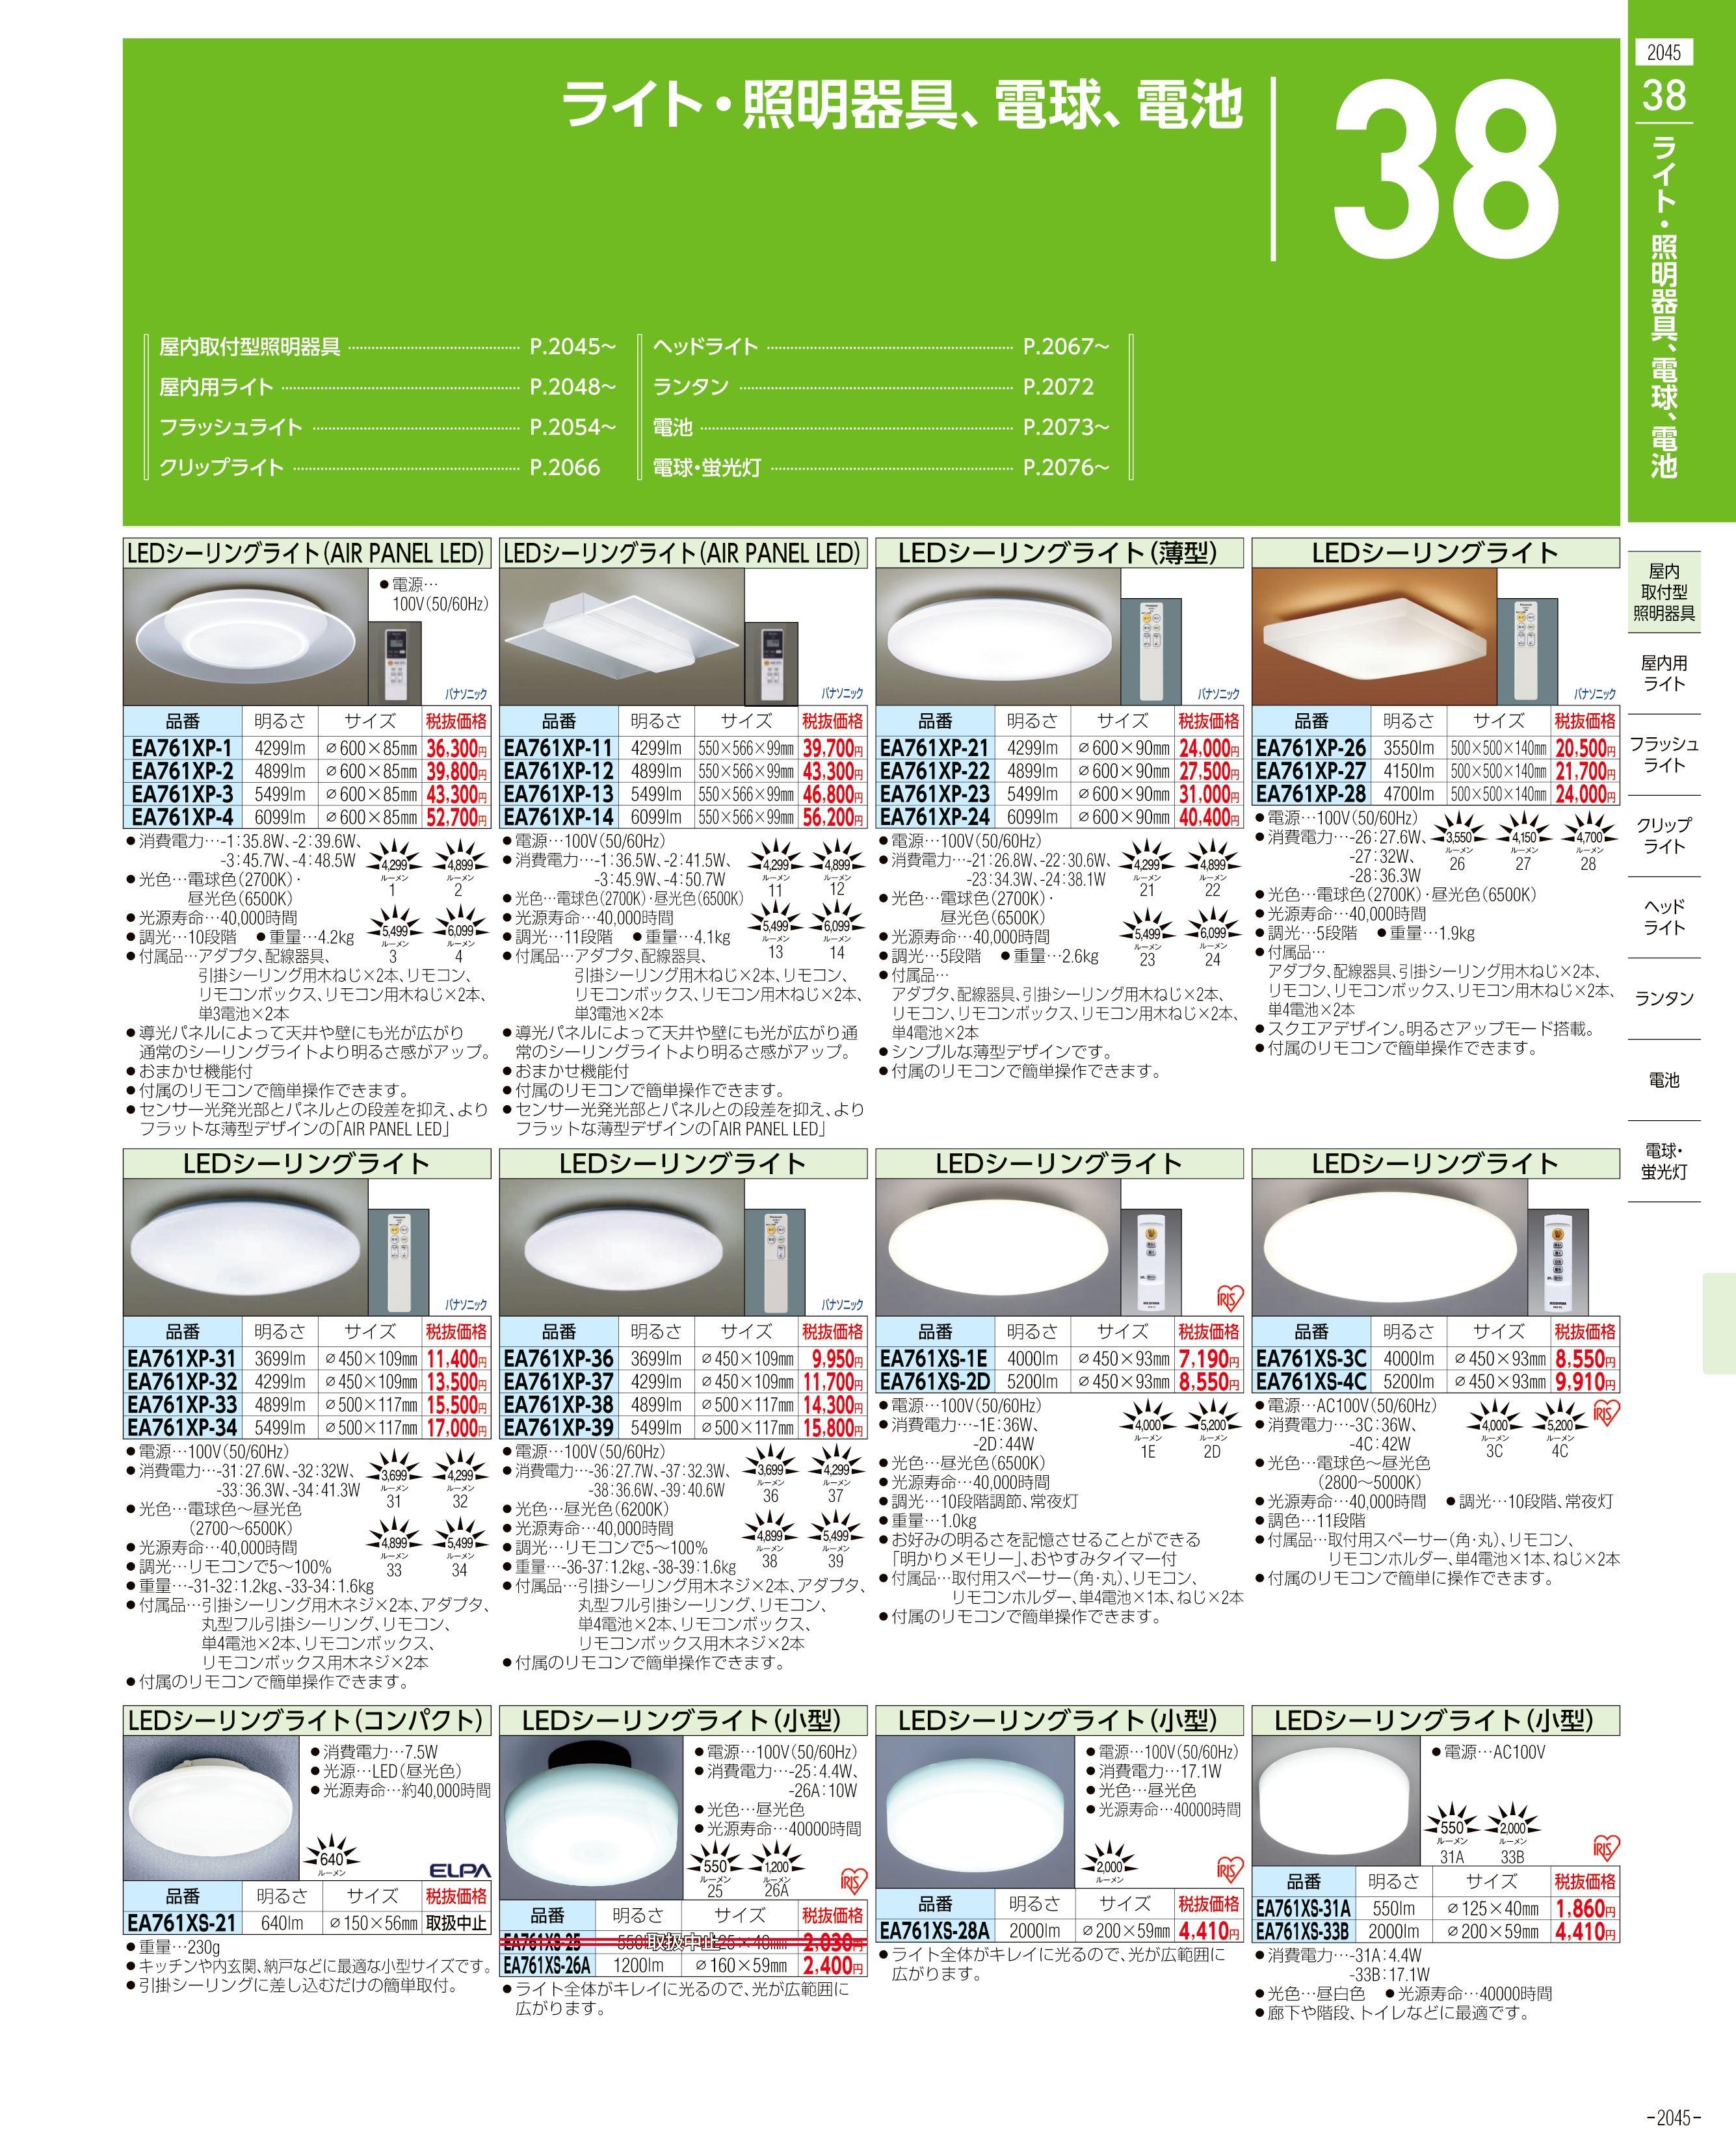 エスコ便利カタログ2045ページ